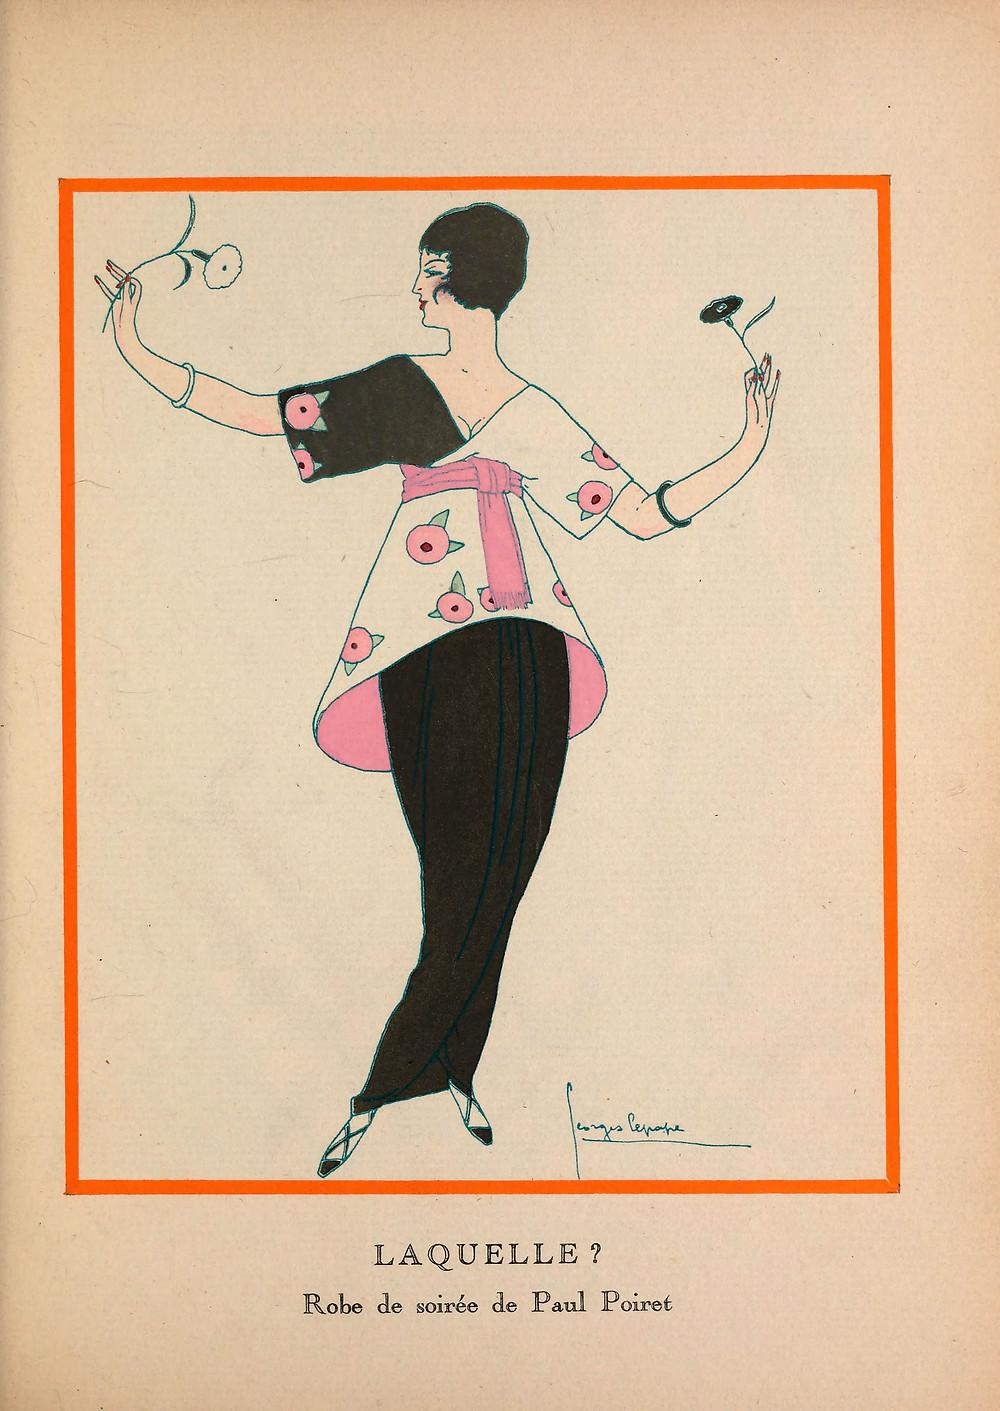 Poiret's Sorbet in Gazette du Bon Ton, Sept. 1913.